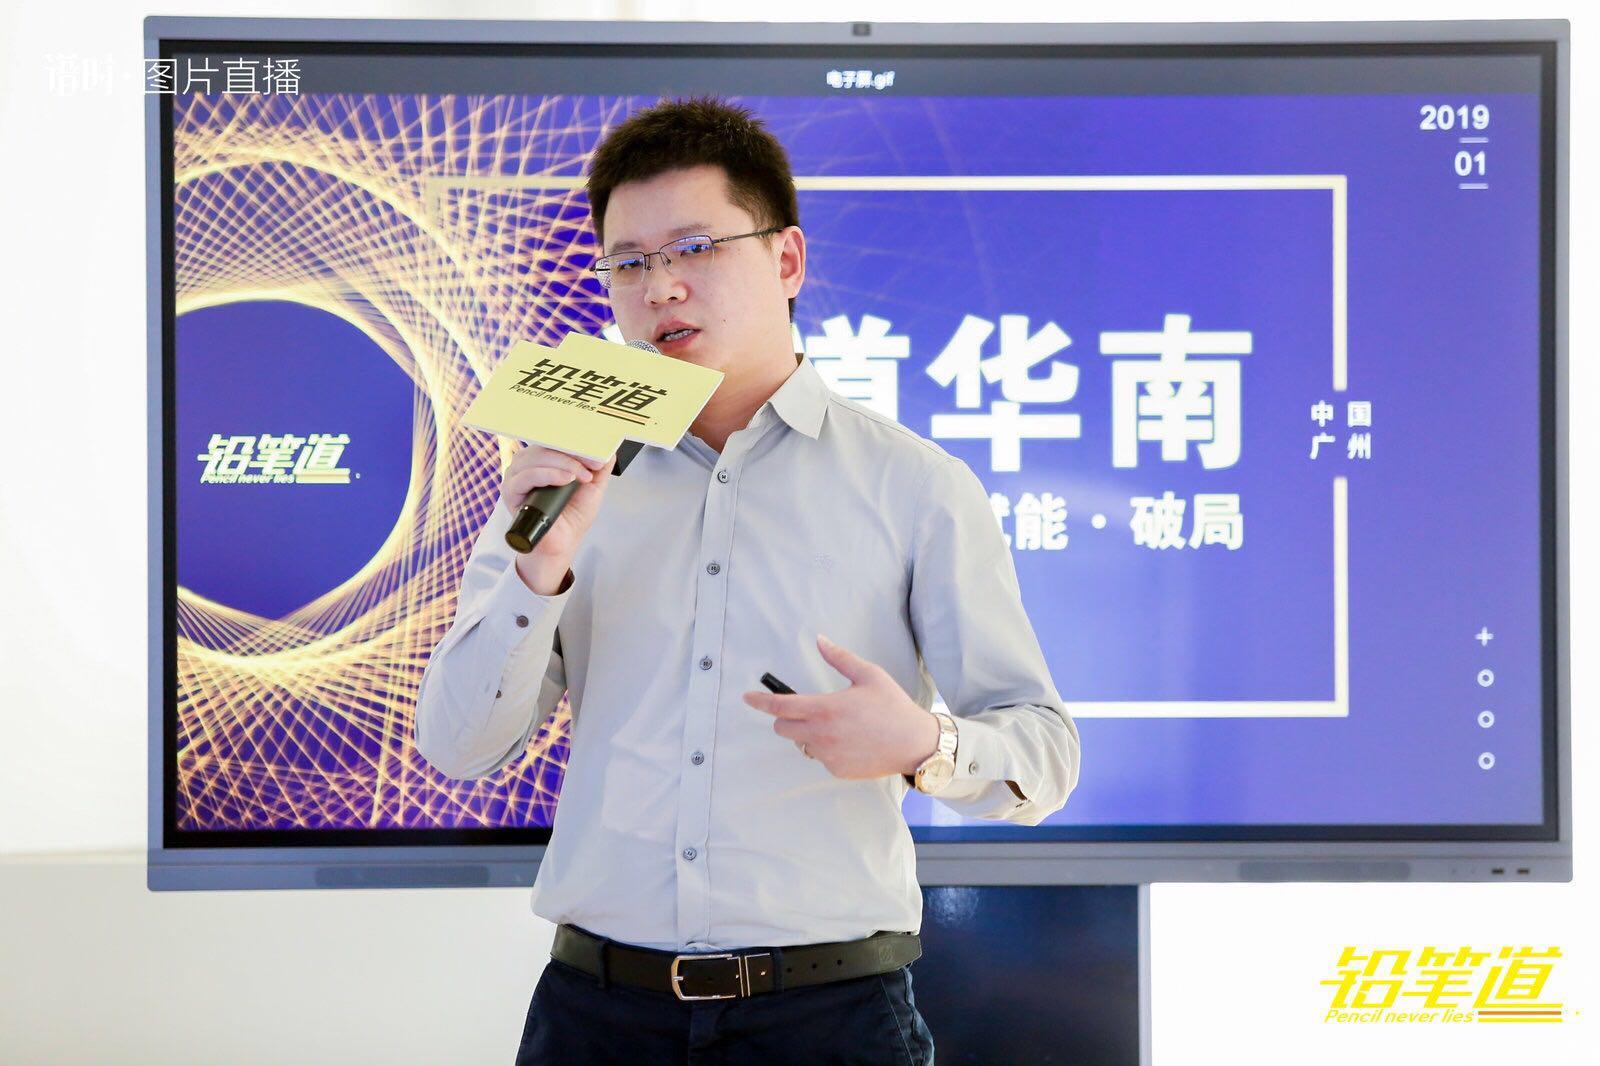 汇量科技Mobvista集团副总裁陈巧锋